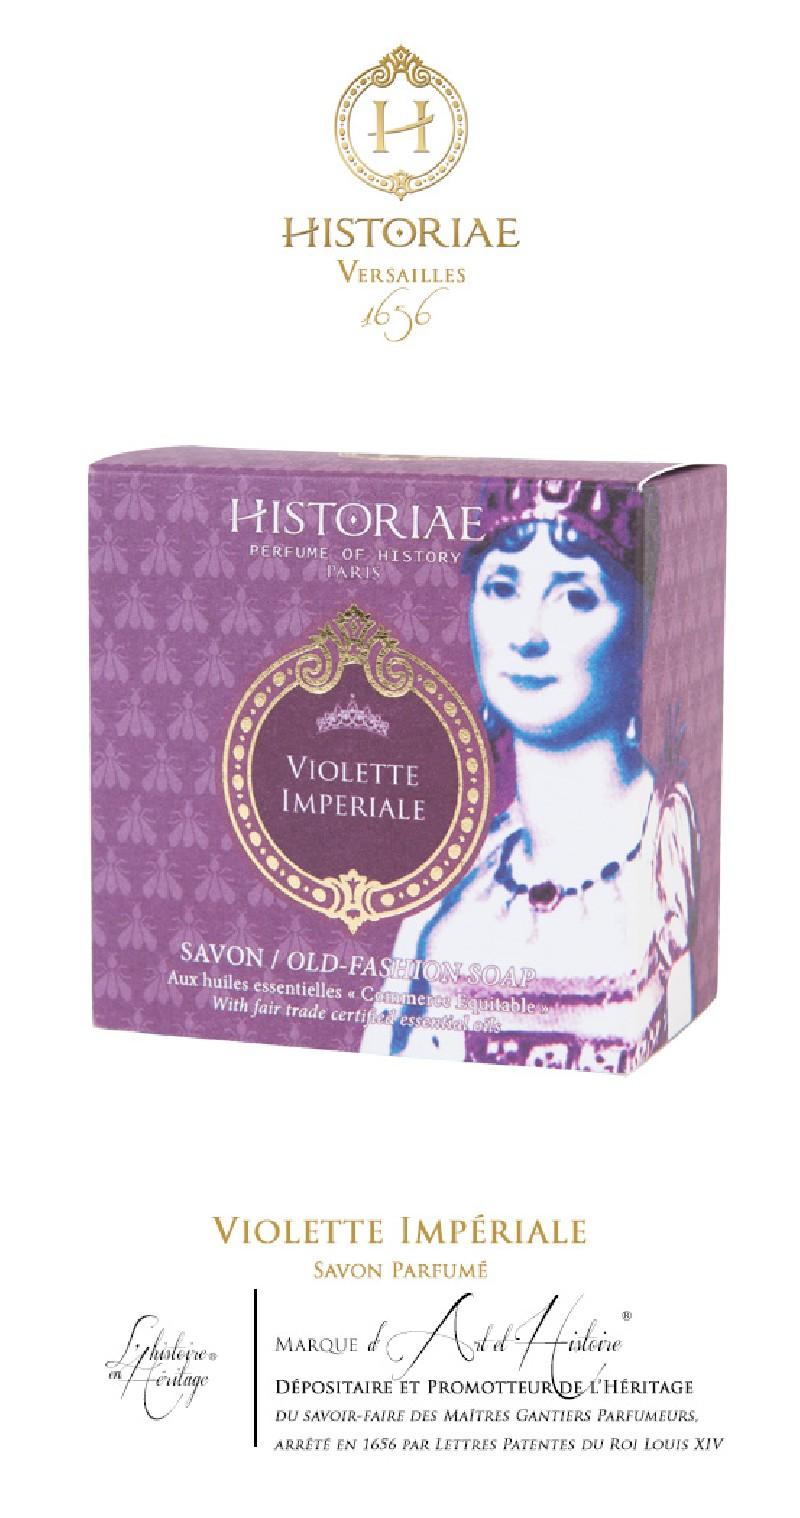 HISTORIAE Violette Impériale - Savon Parfumé 100g